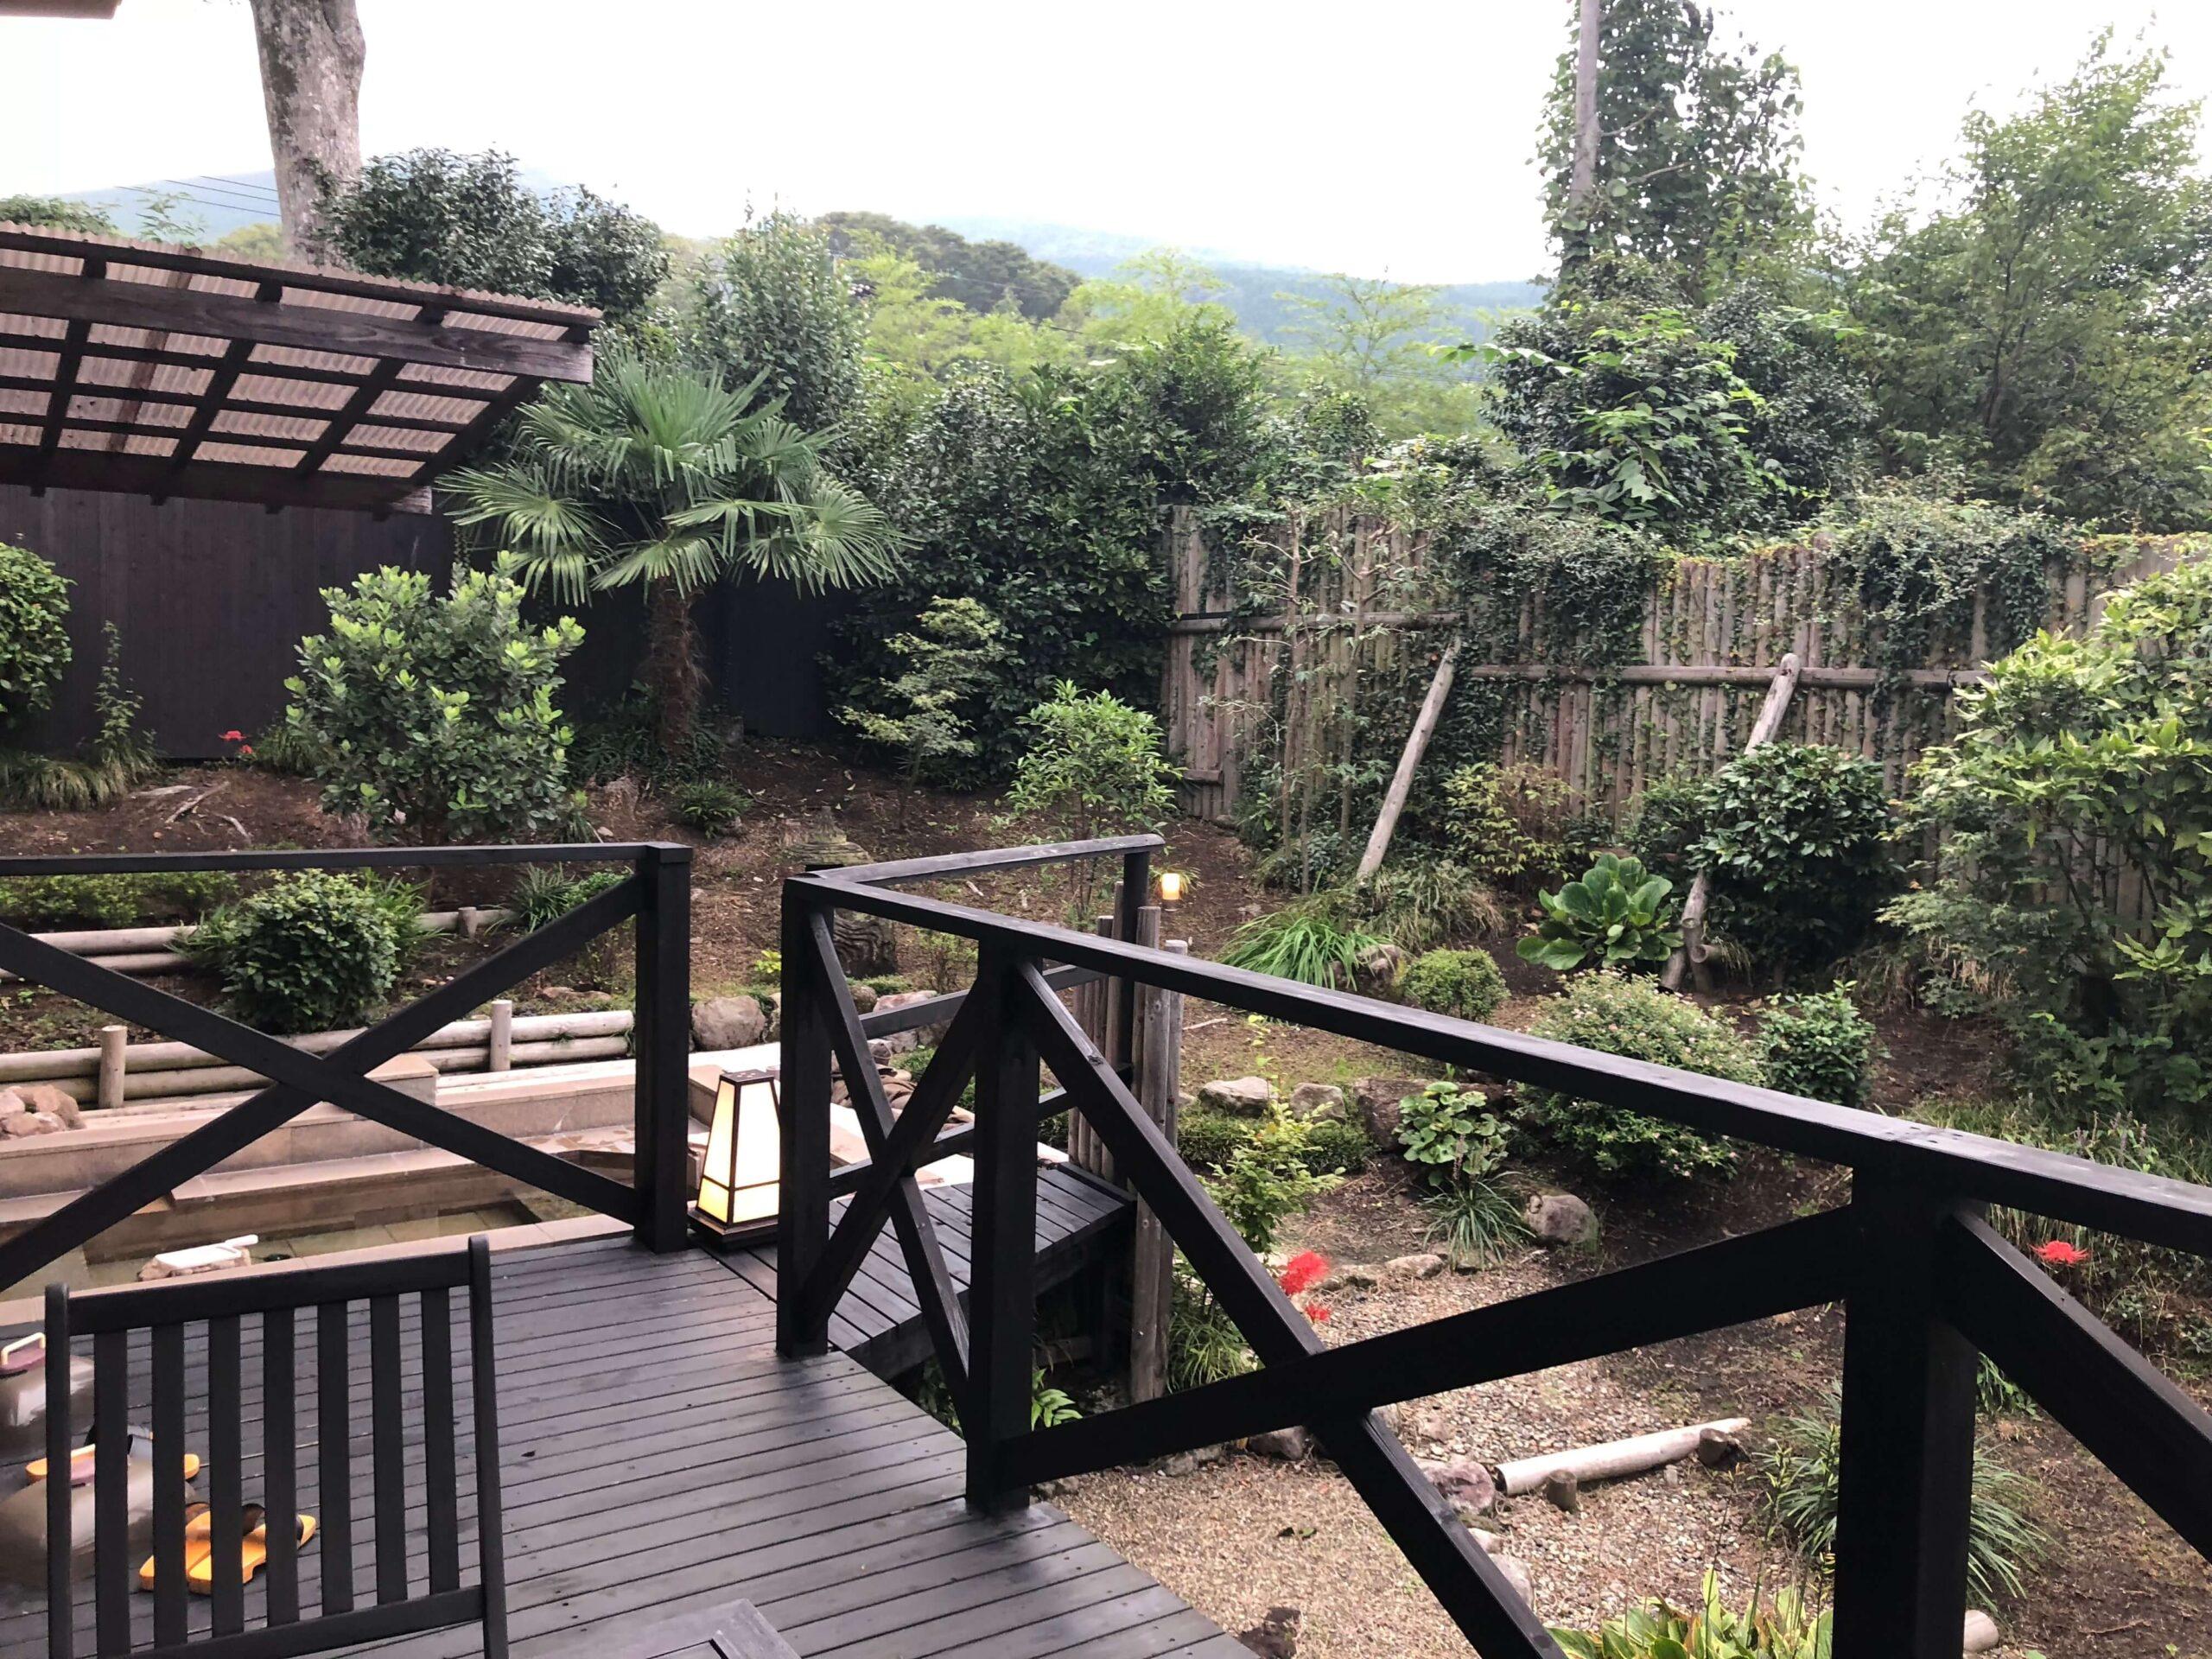 湯布院の高級旅館 YADOYAおおはし客室露天風呂(慶太ブログ)